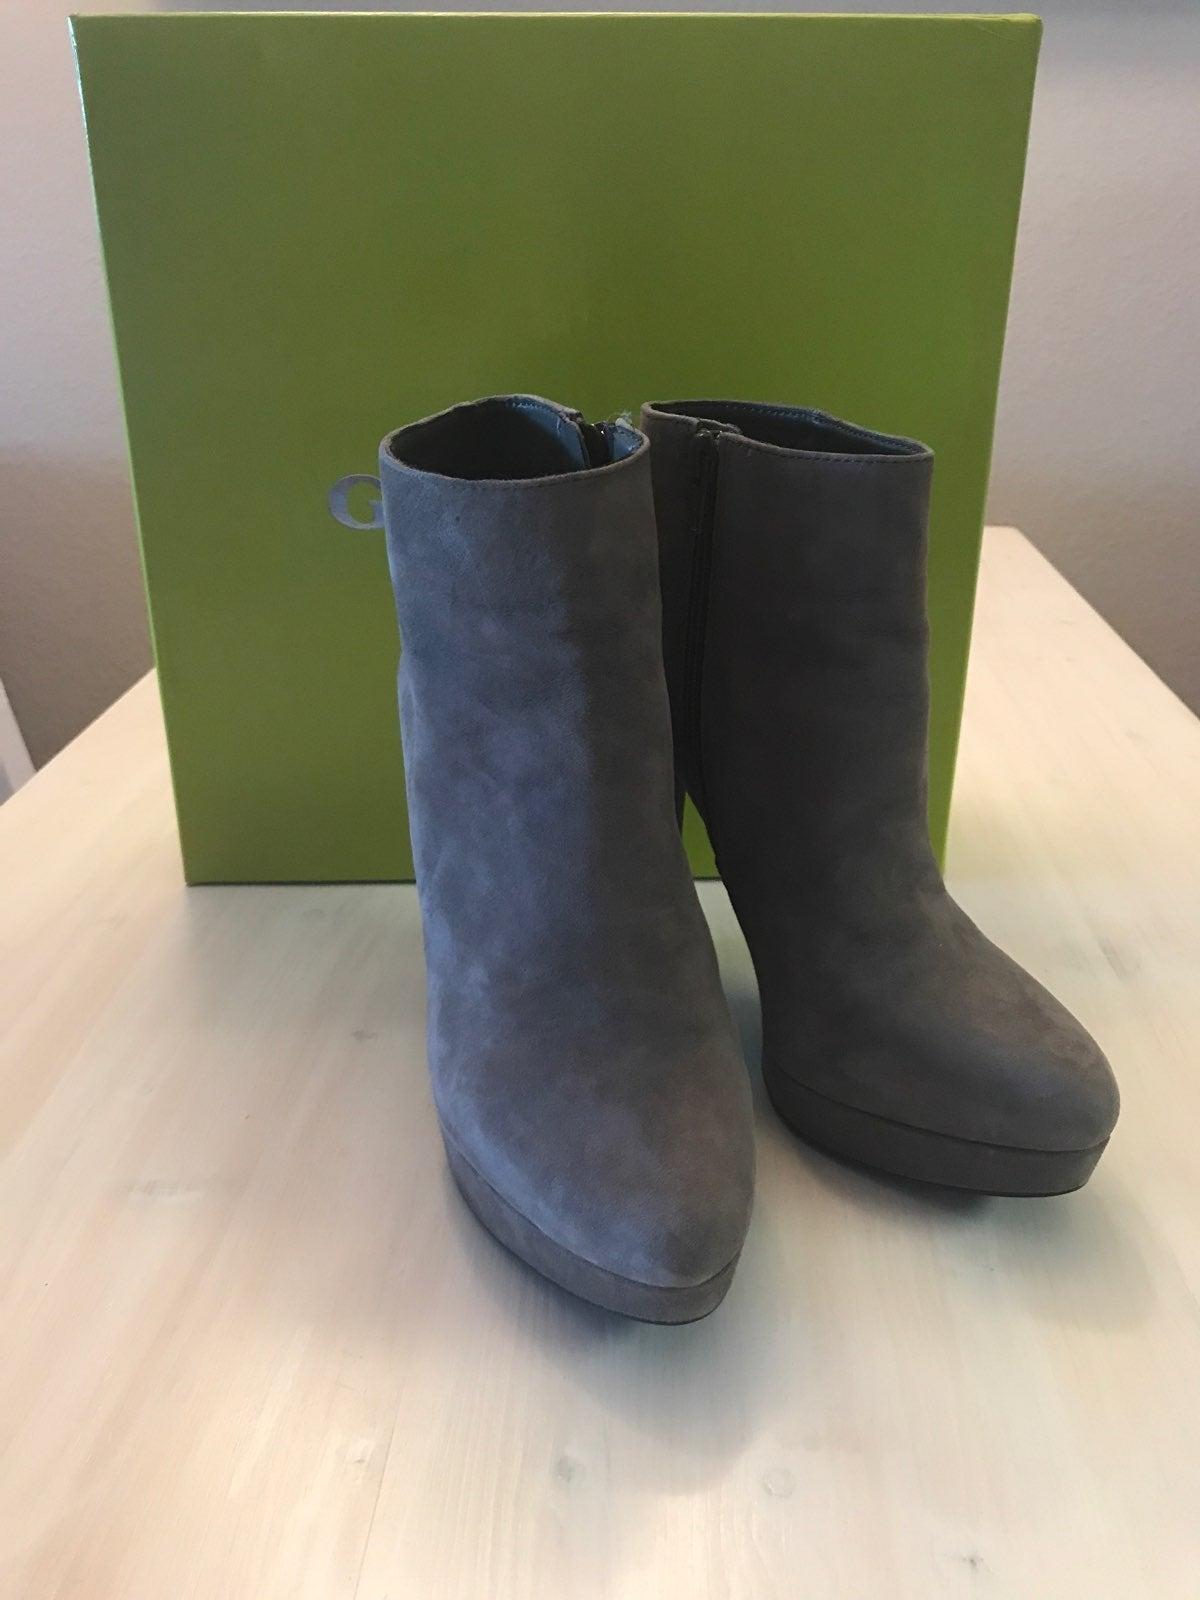 Gianni Bini Ankle Booties 7.5